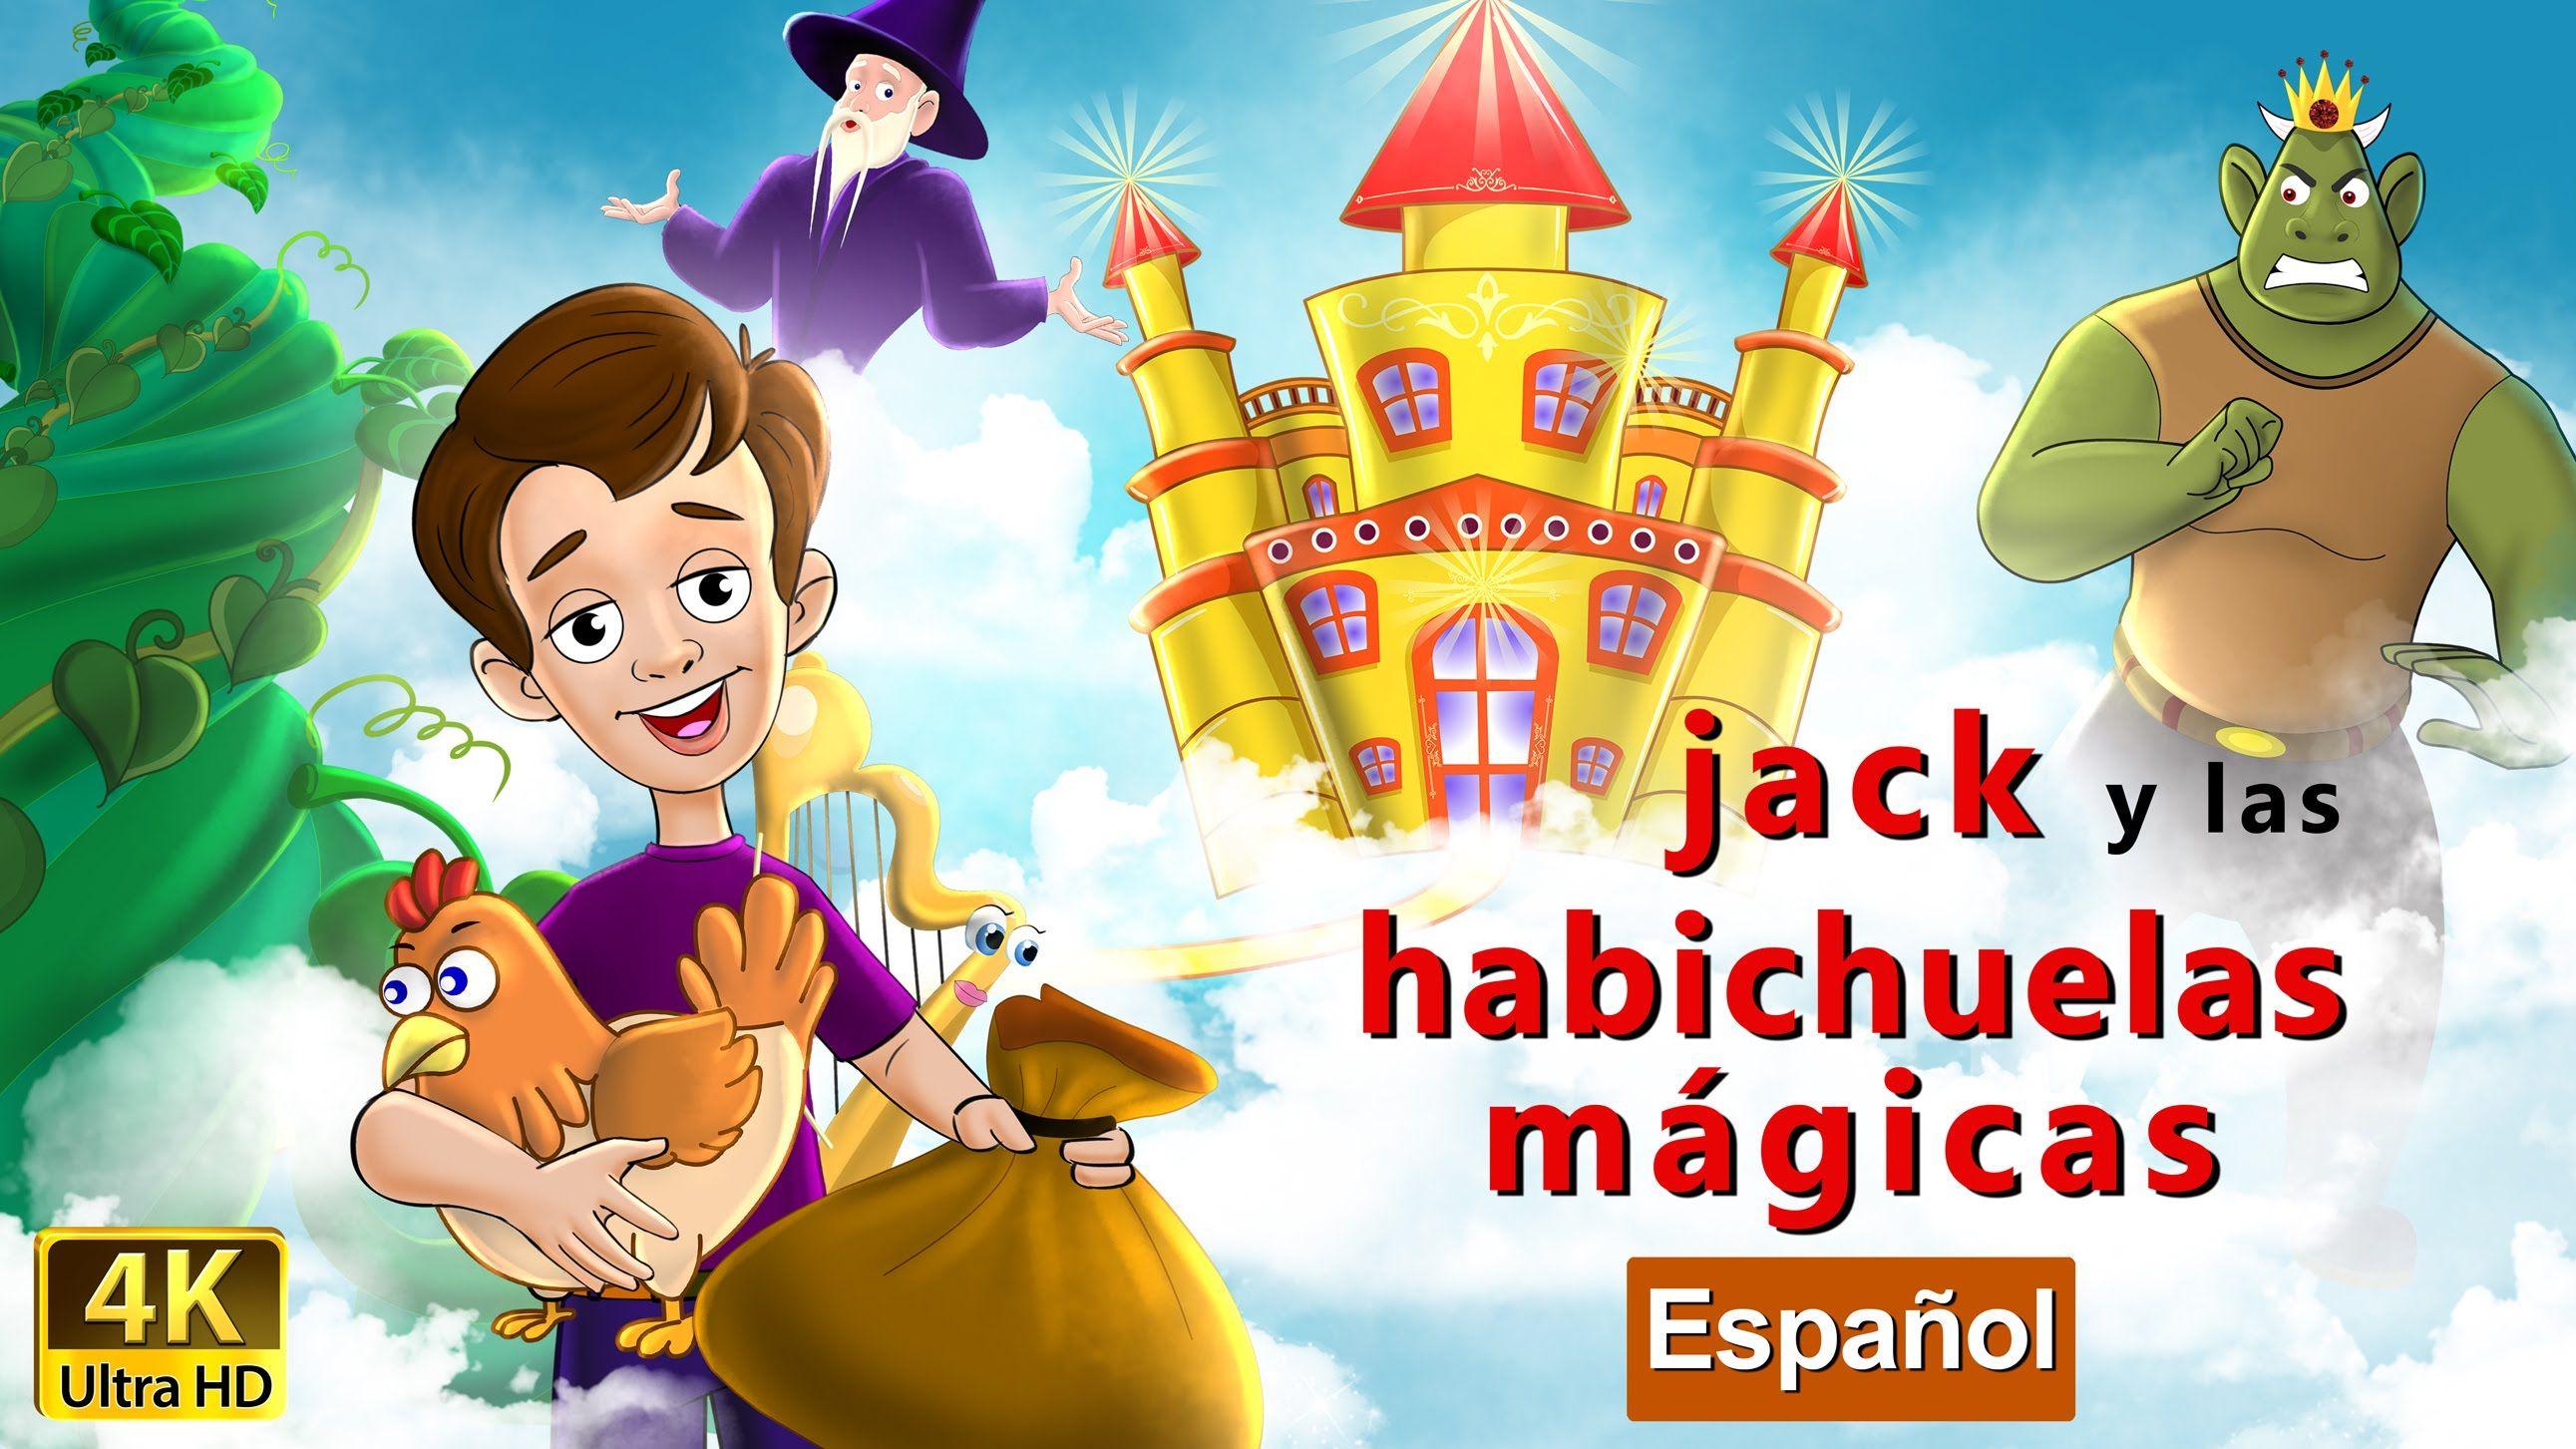 Jack Y Las Habichuelas Mágicas Cuentos Infantiles En Español 4k Uhd Cuentos Para Dormir Cuentos Infantiles En Español Jack Y Las Habichuelas Mágicas